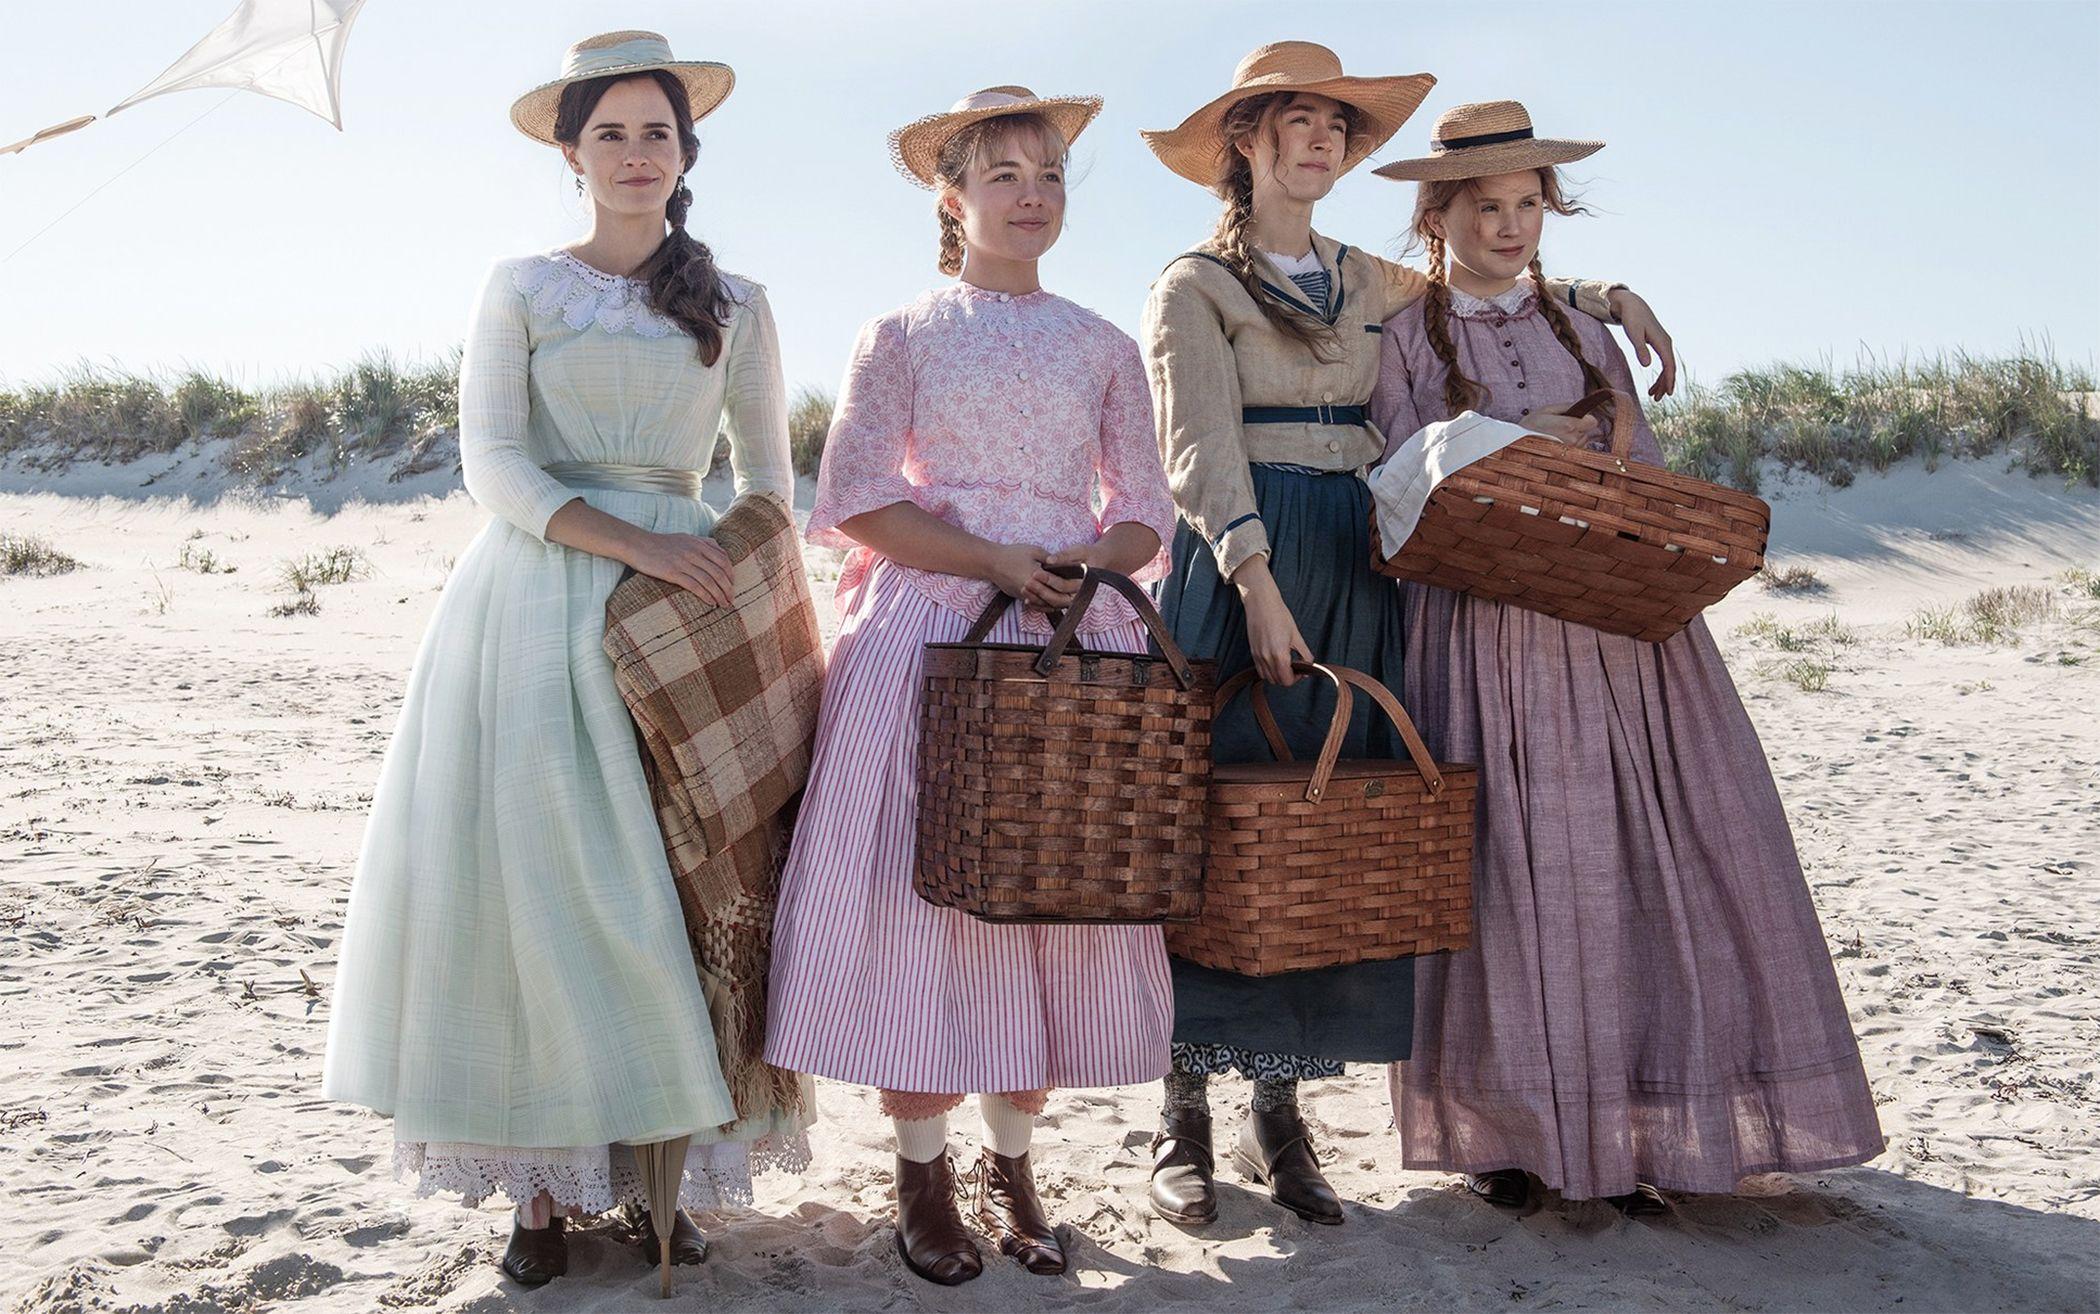 Mira las imágenes de 'Mujercitas',  la película que prepara Greta Gerwig